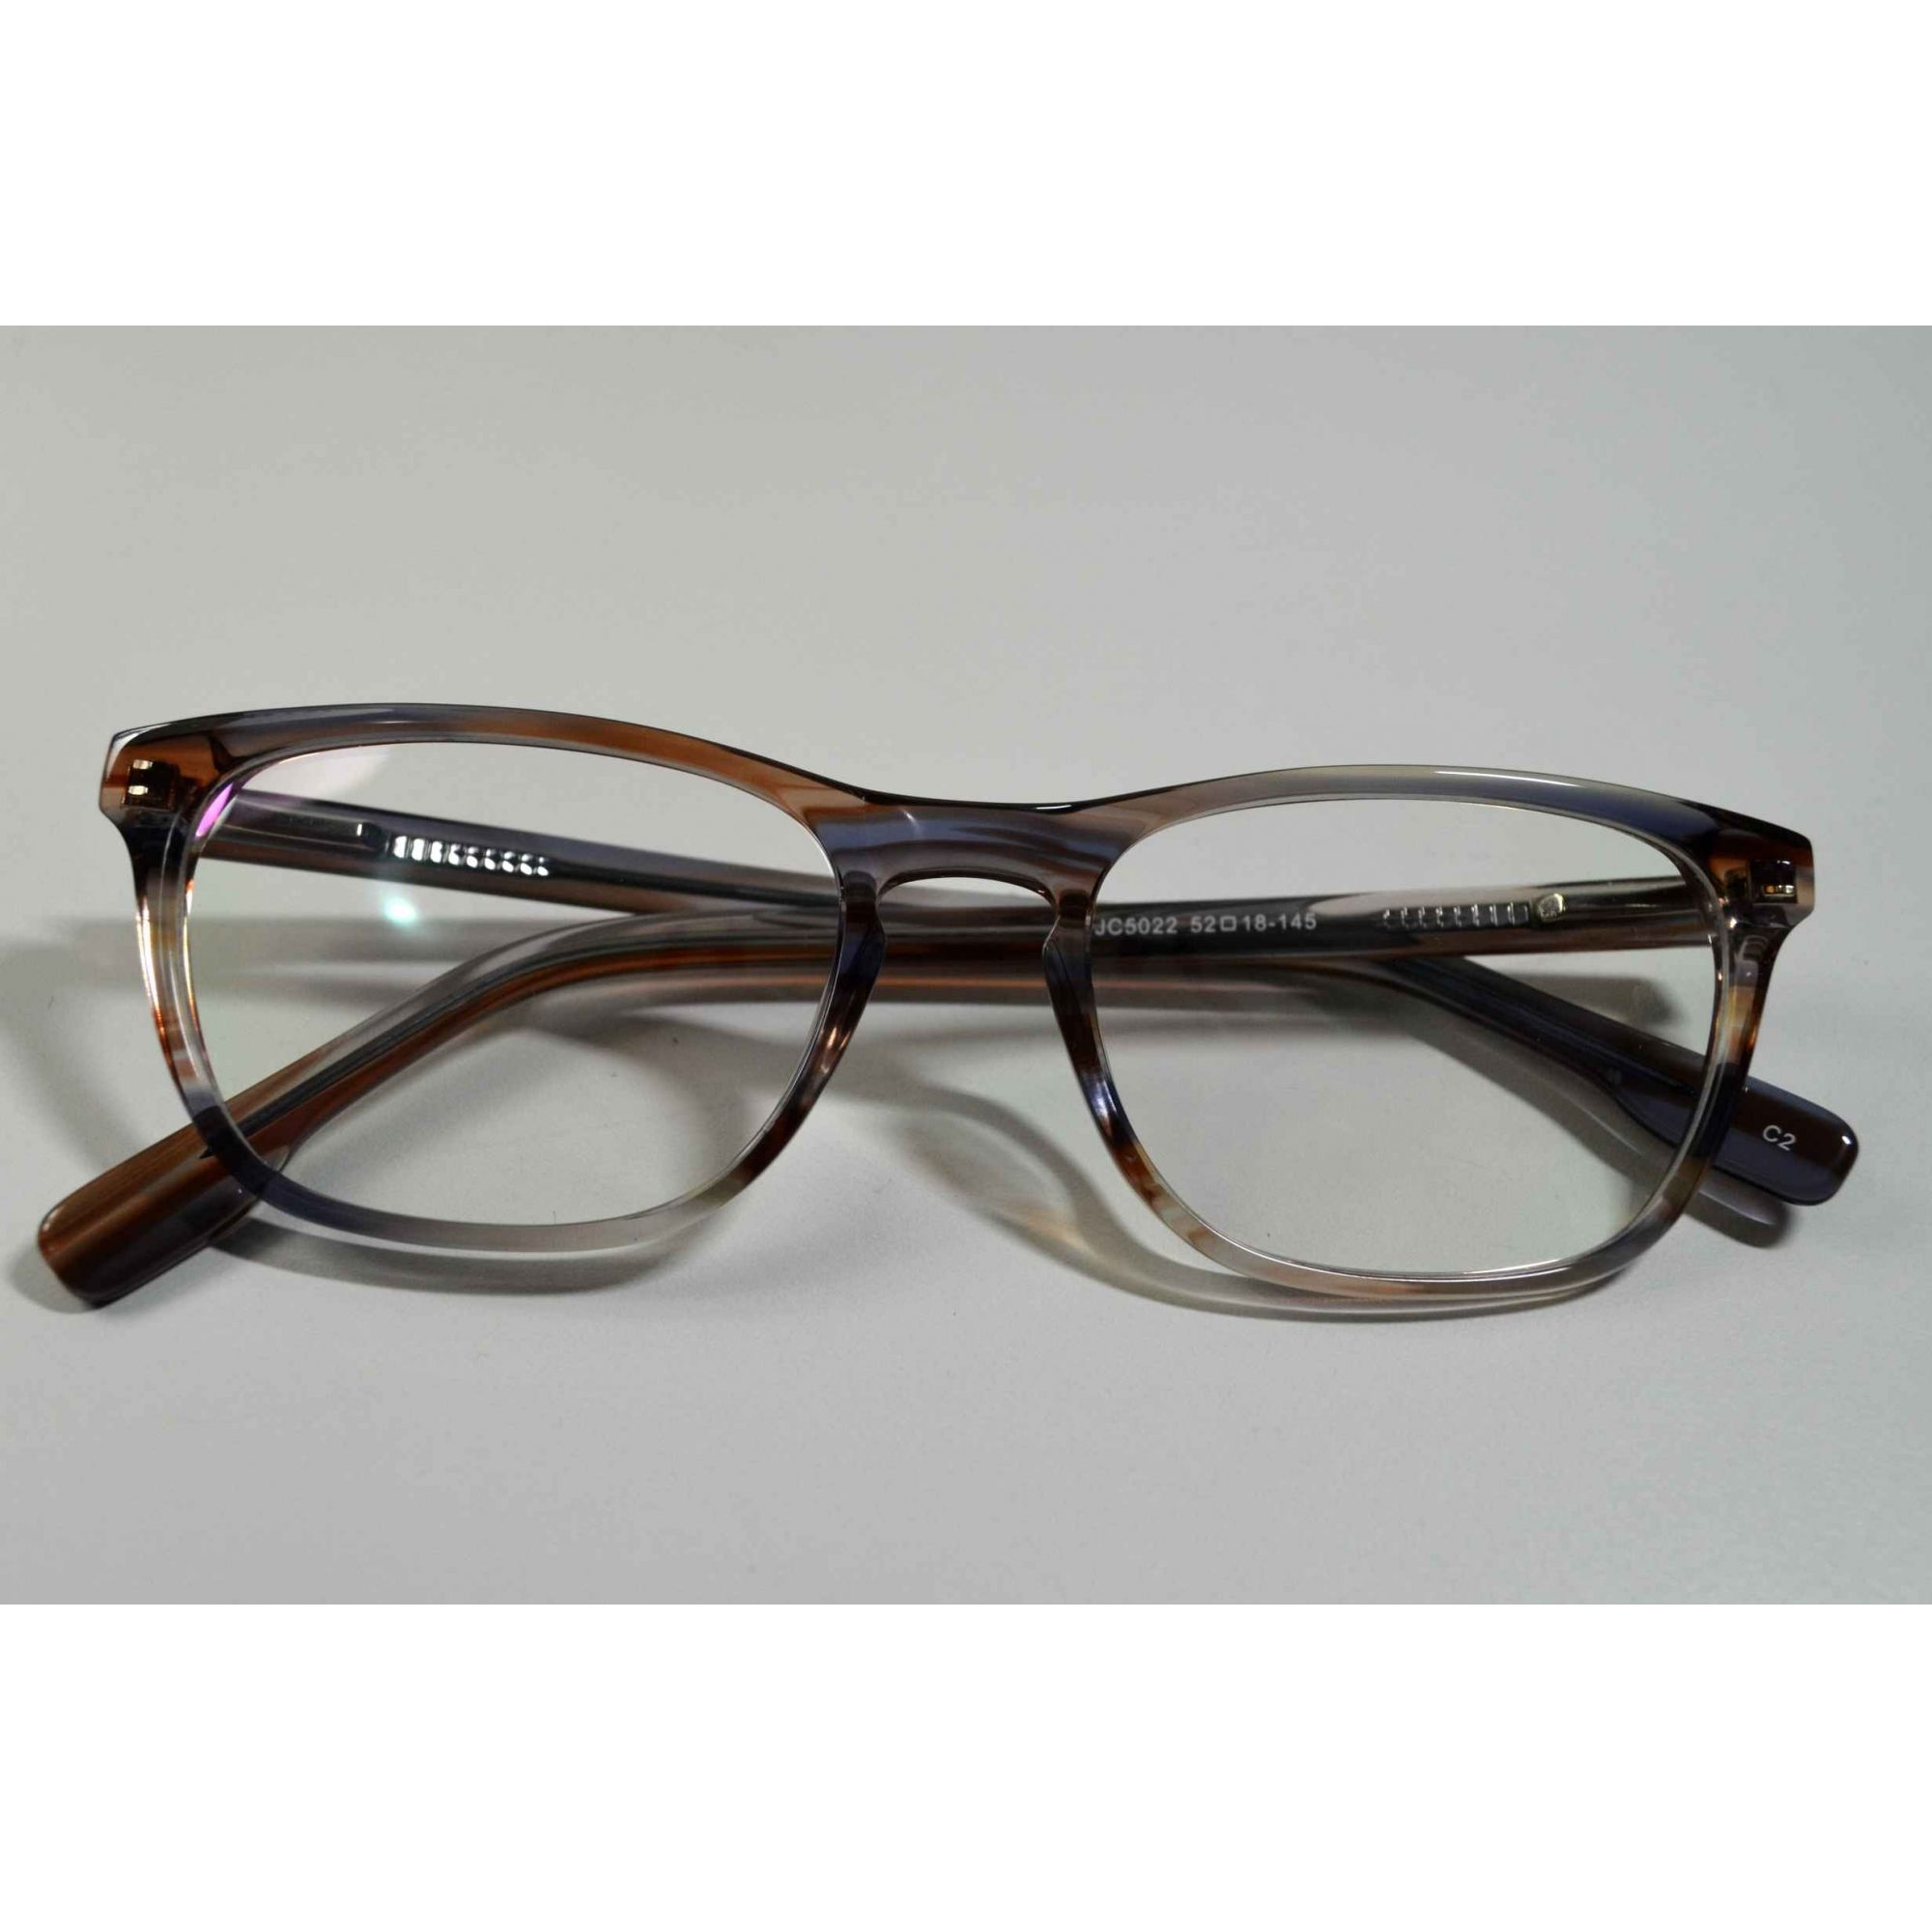 0d08d4033 Armação Óculos Grau Feminino Retangular Alta Qualidade Marrom